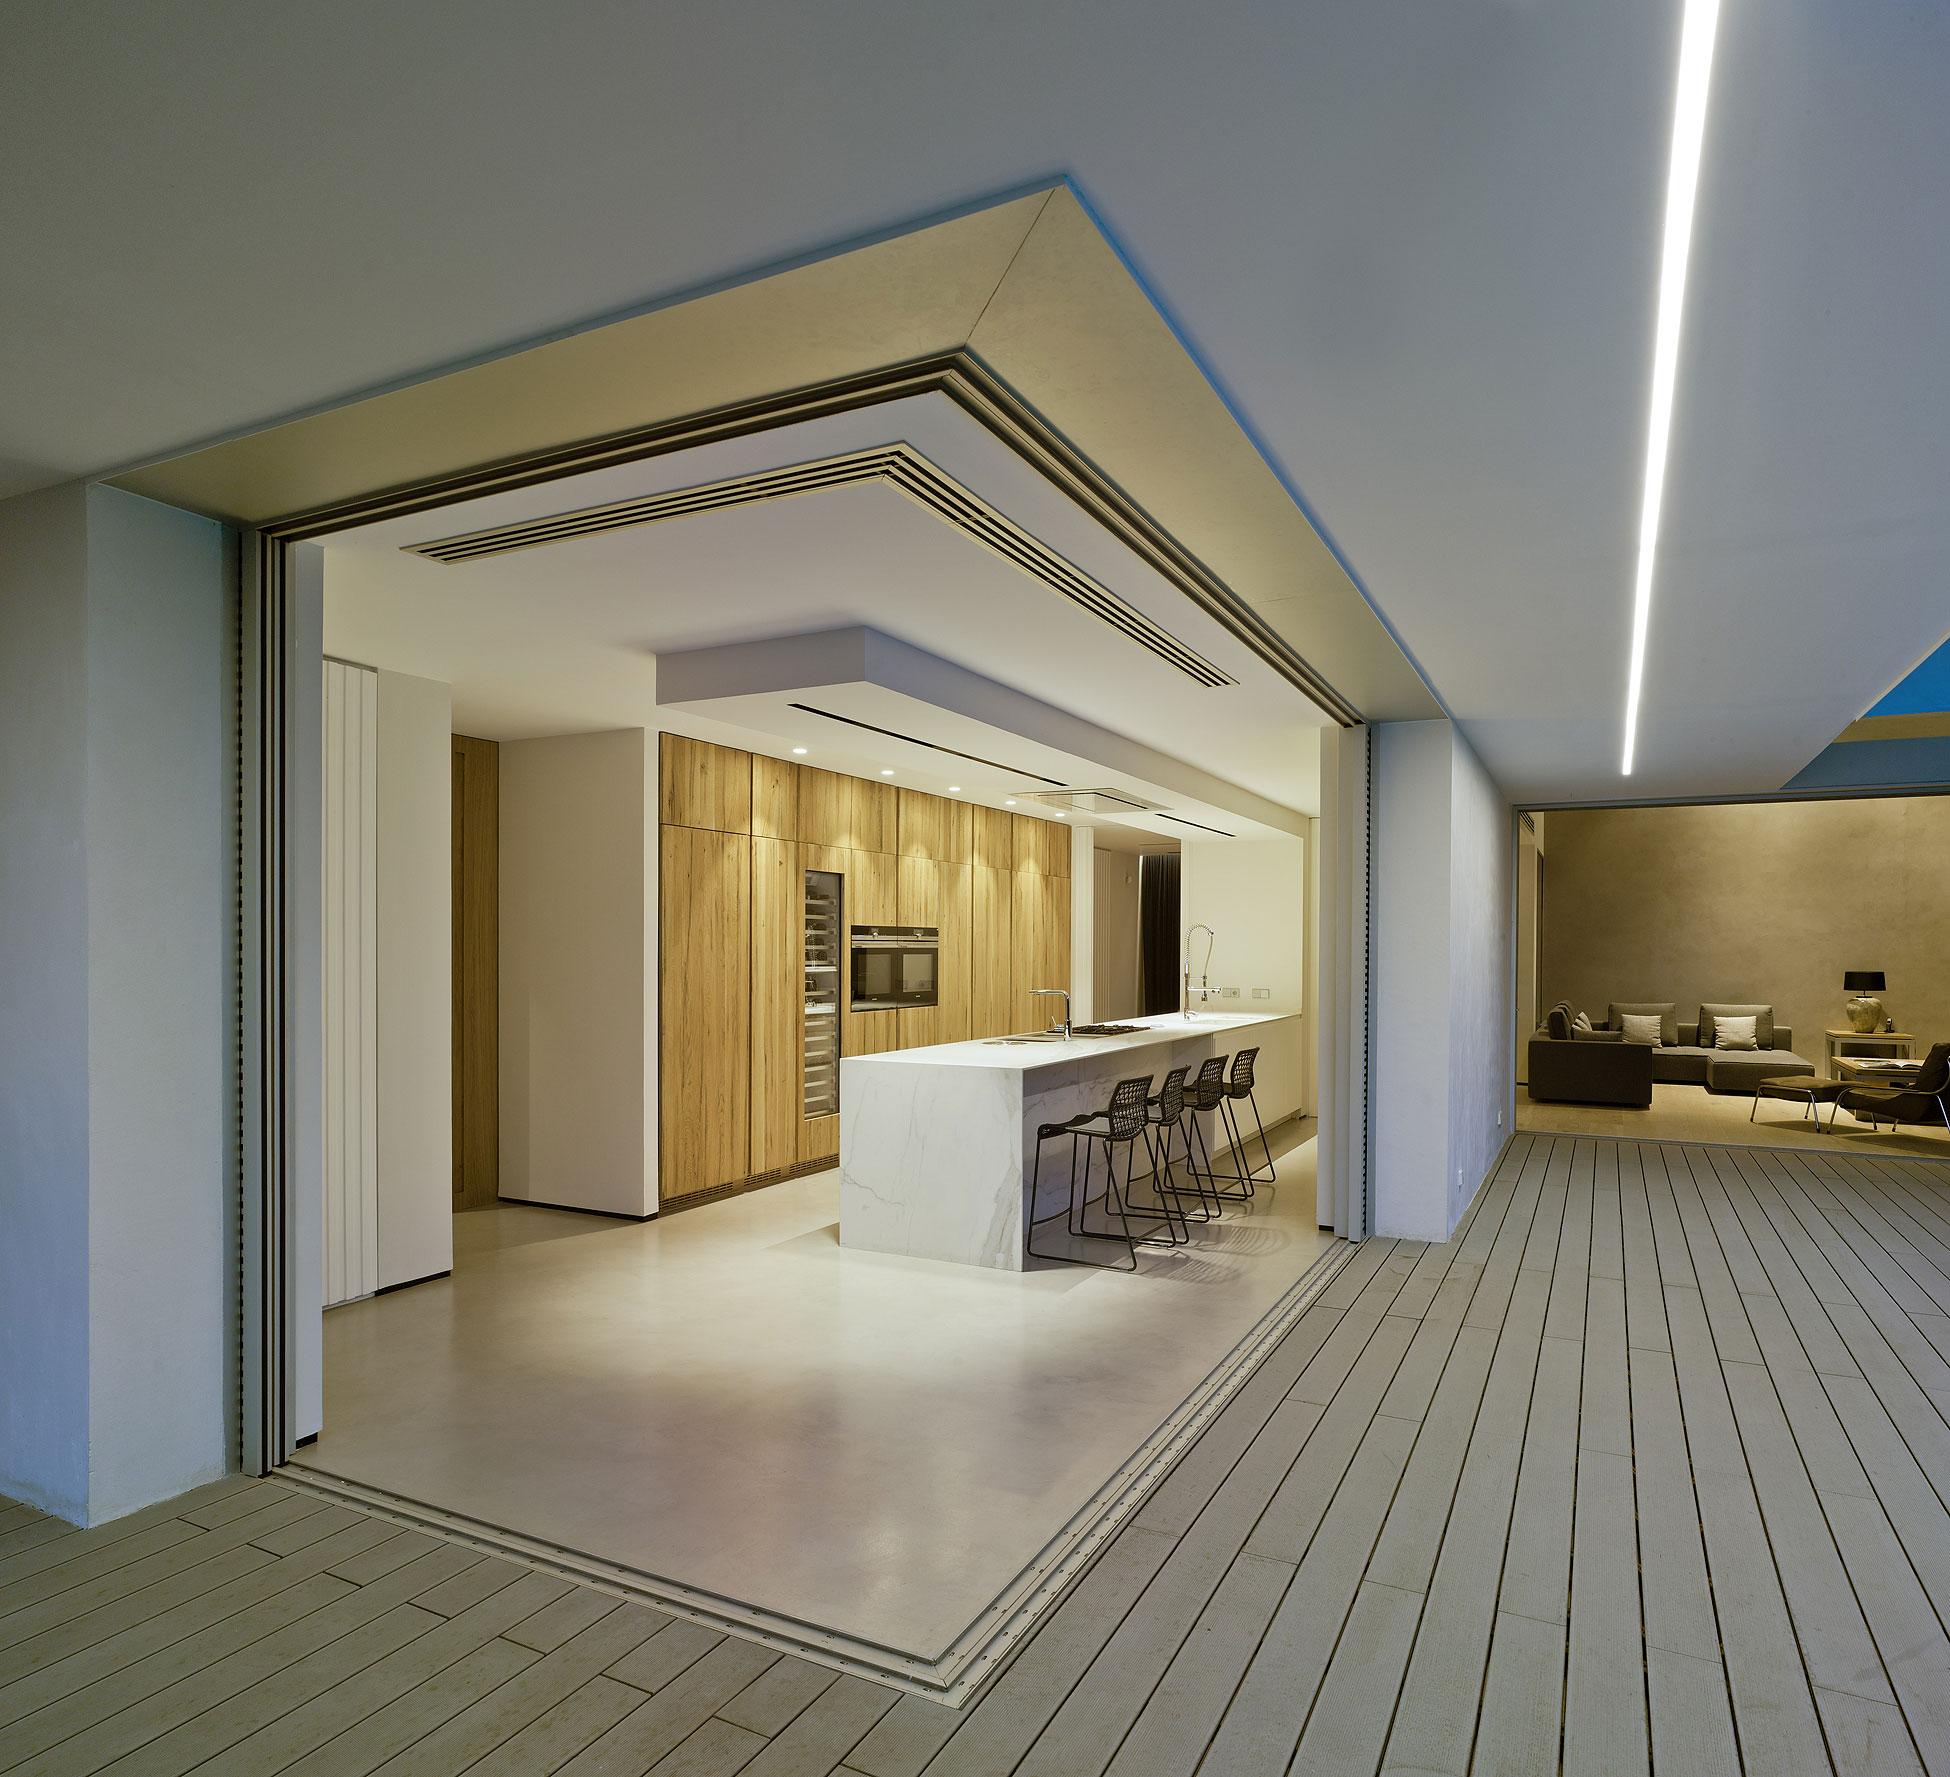 Minimalista Casa De Docrys Cocinas Dc Arquitectura Interior # Teodora Muebles